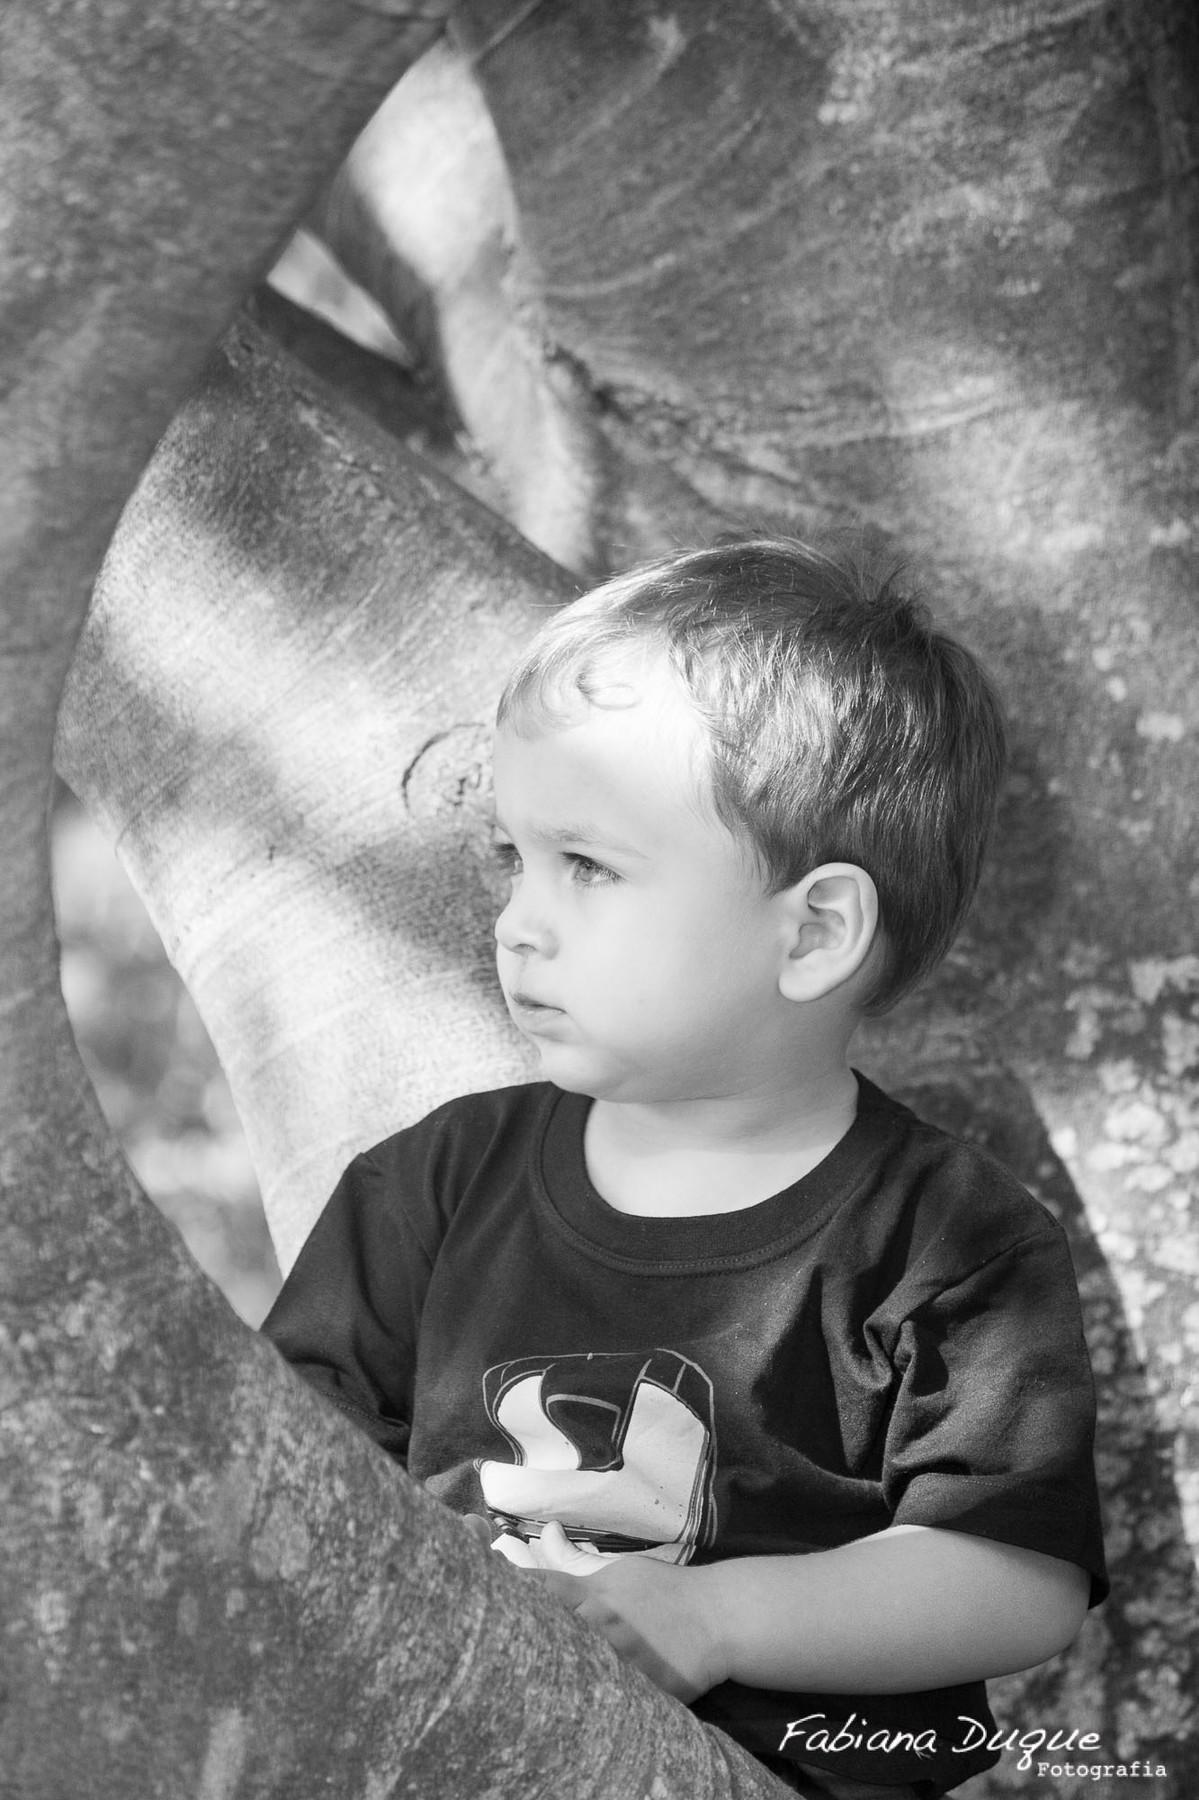 Ensaio infantil no parque villa lobos - SP